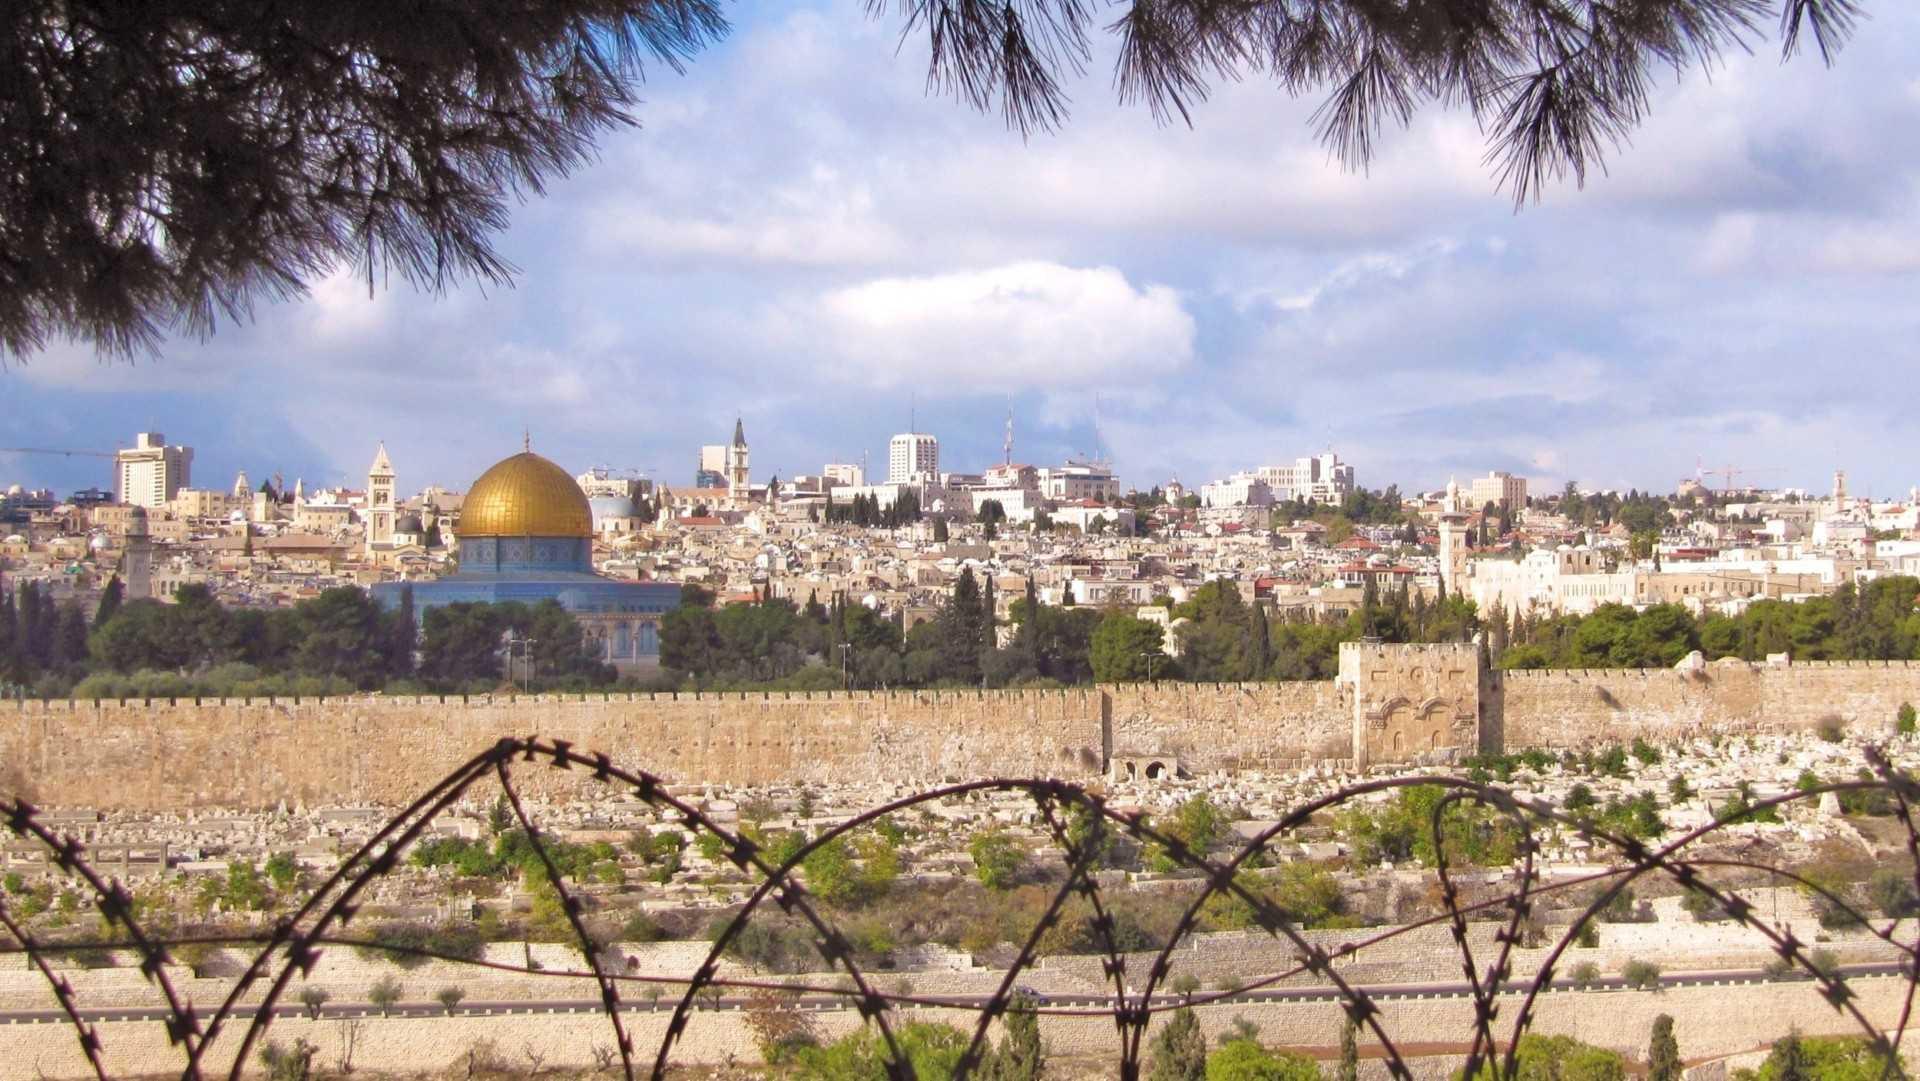 Przerażający ostrzał rakietowy w Izraelu! Ważne informacje dla Polaków